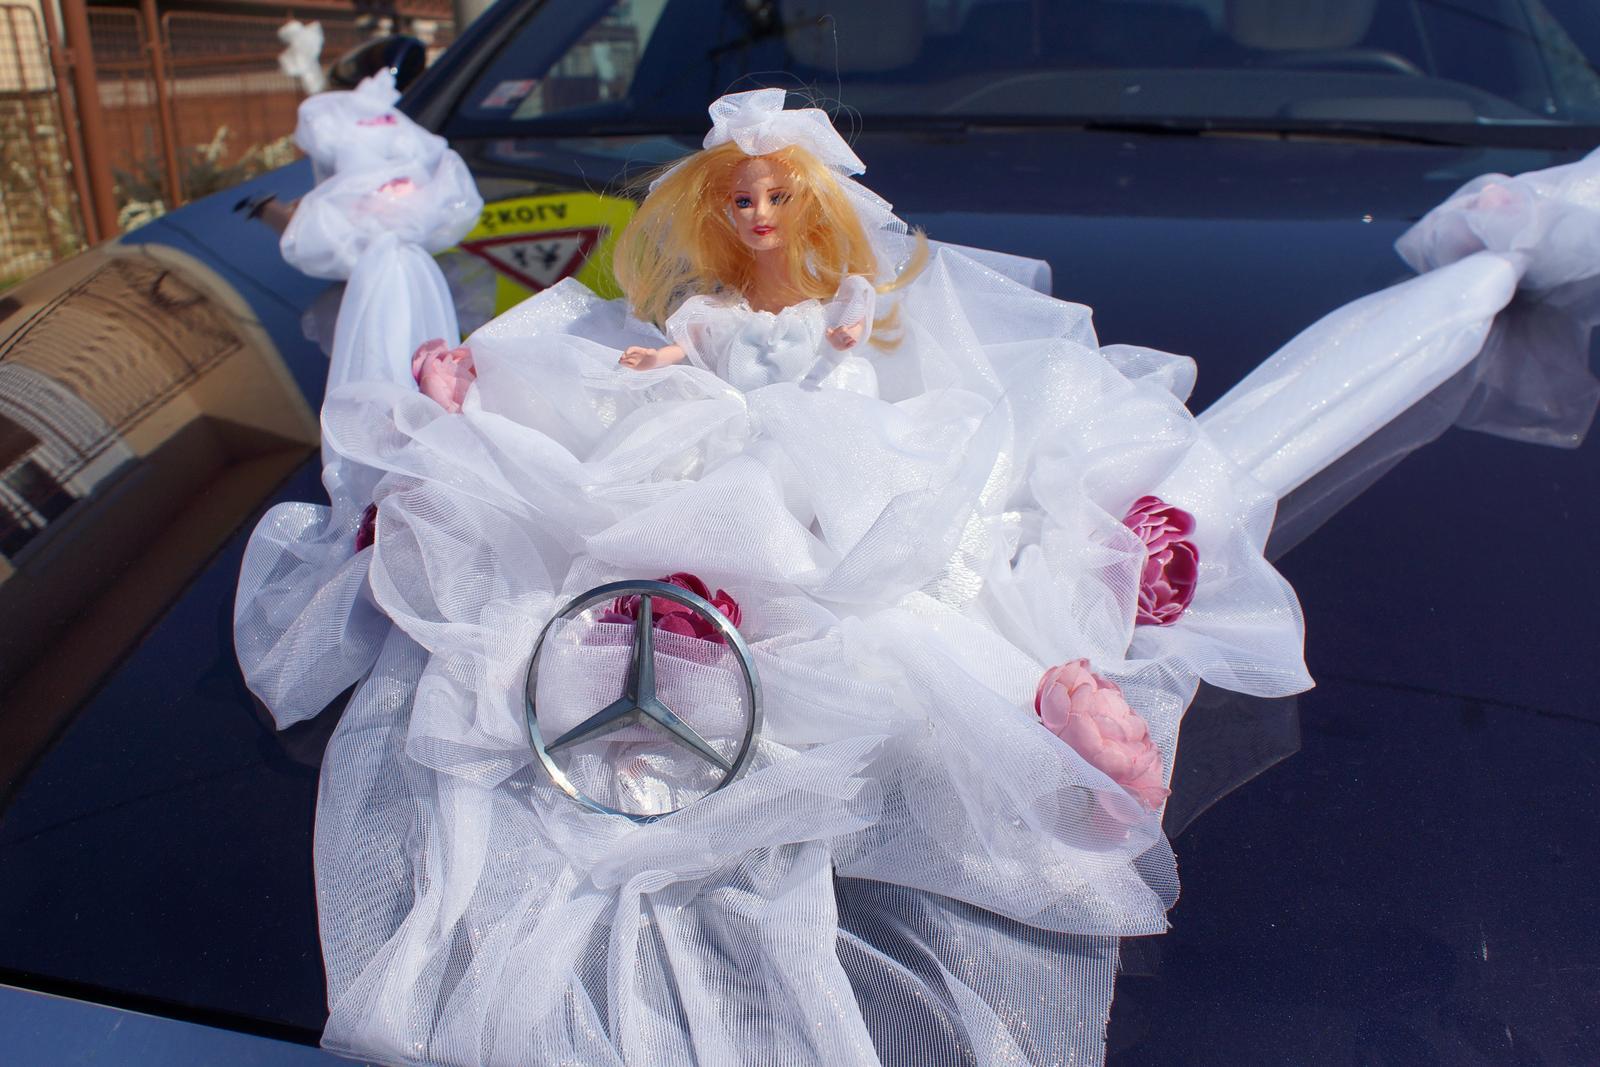 svadobná barbie na auto  - Obrázok č. 1